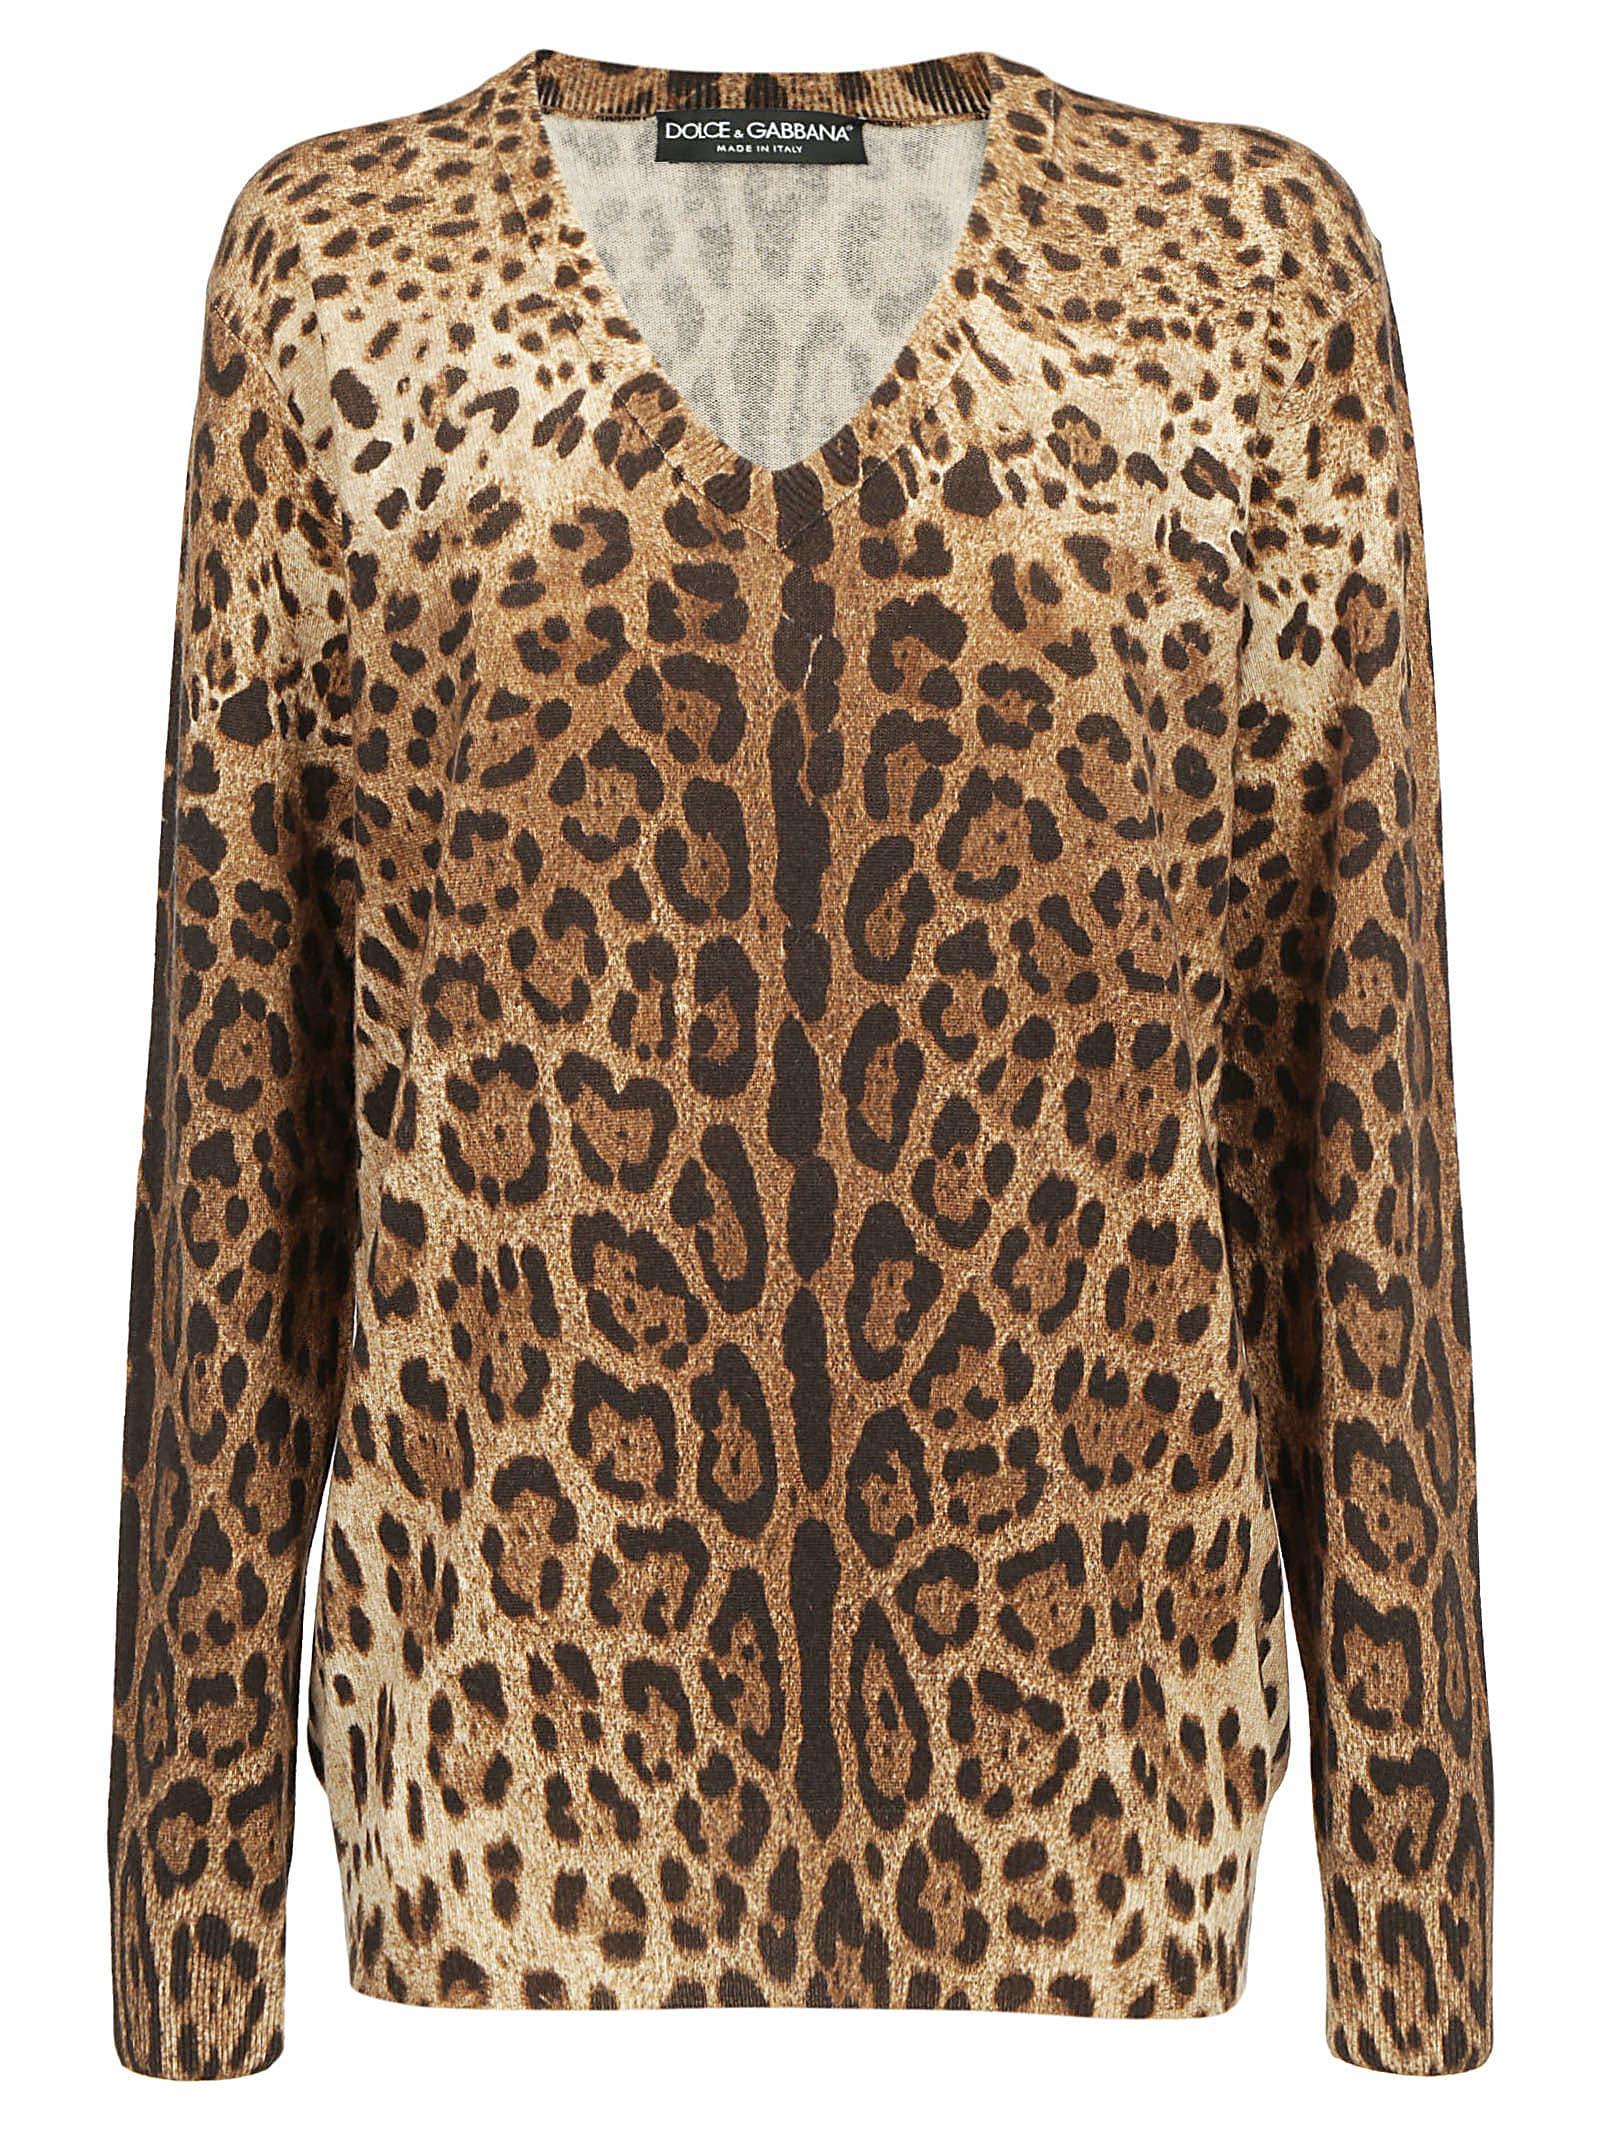 bester Preis Wert für Geld unverwechselbares Design Dolce & Gabbana Pullover